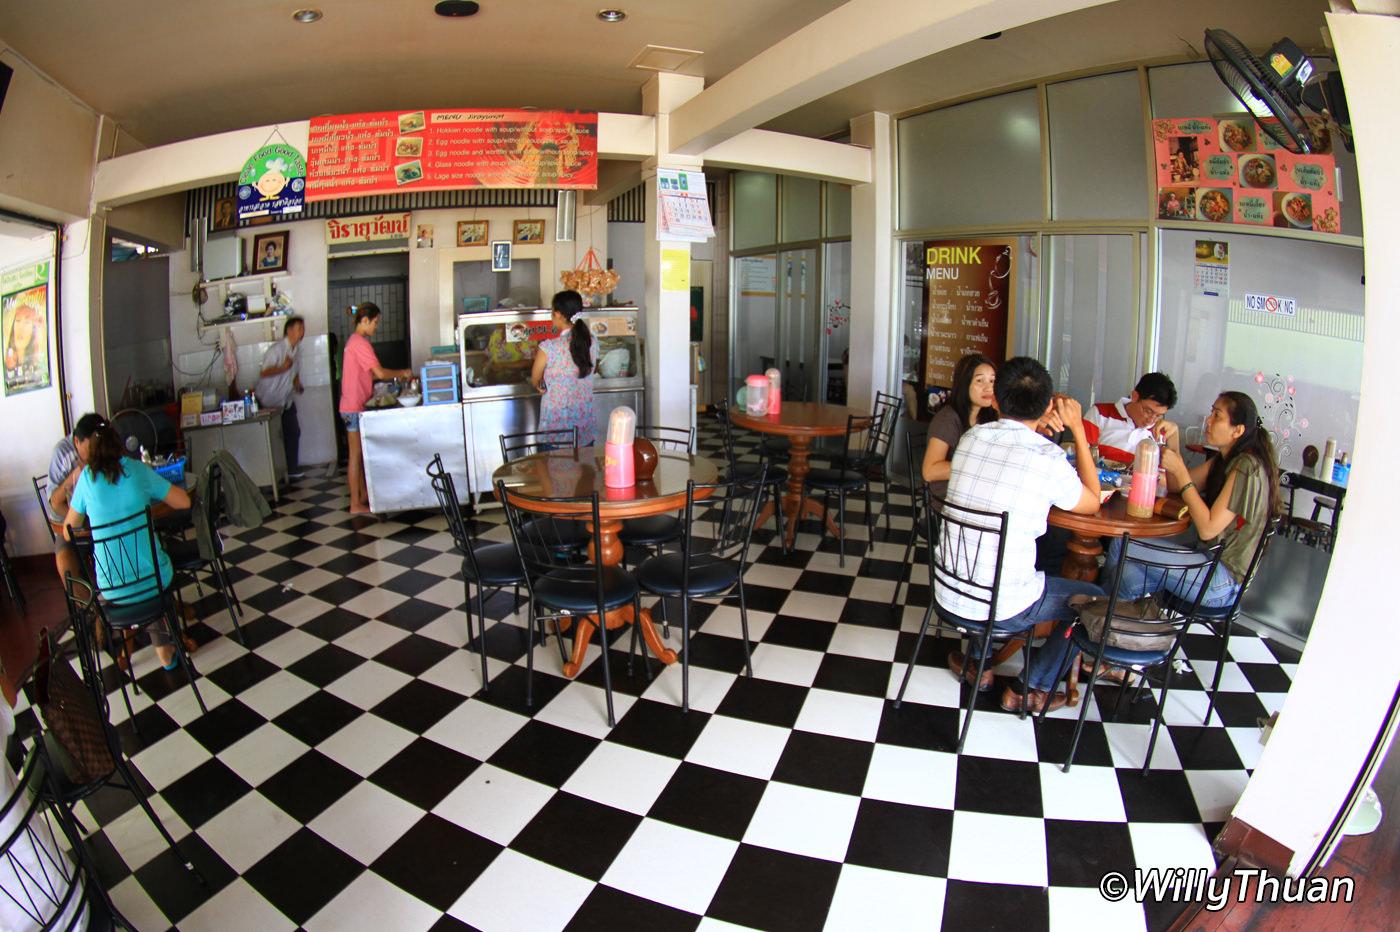 Mee Jirayuwat restaurant